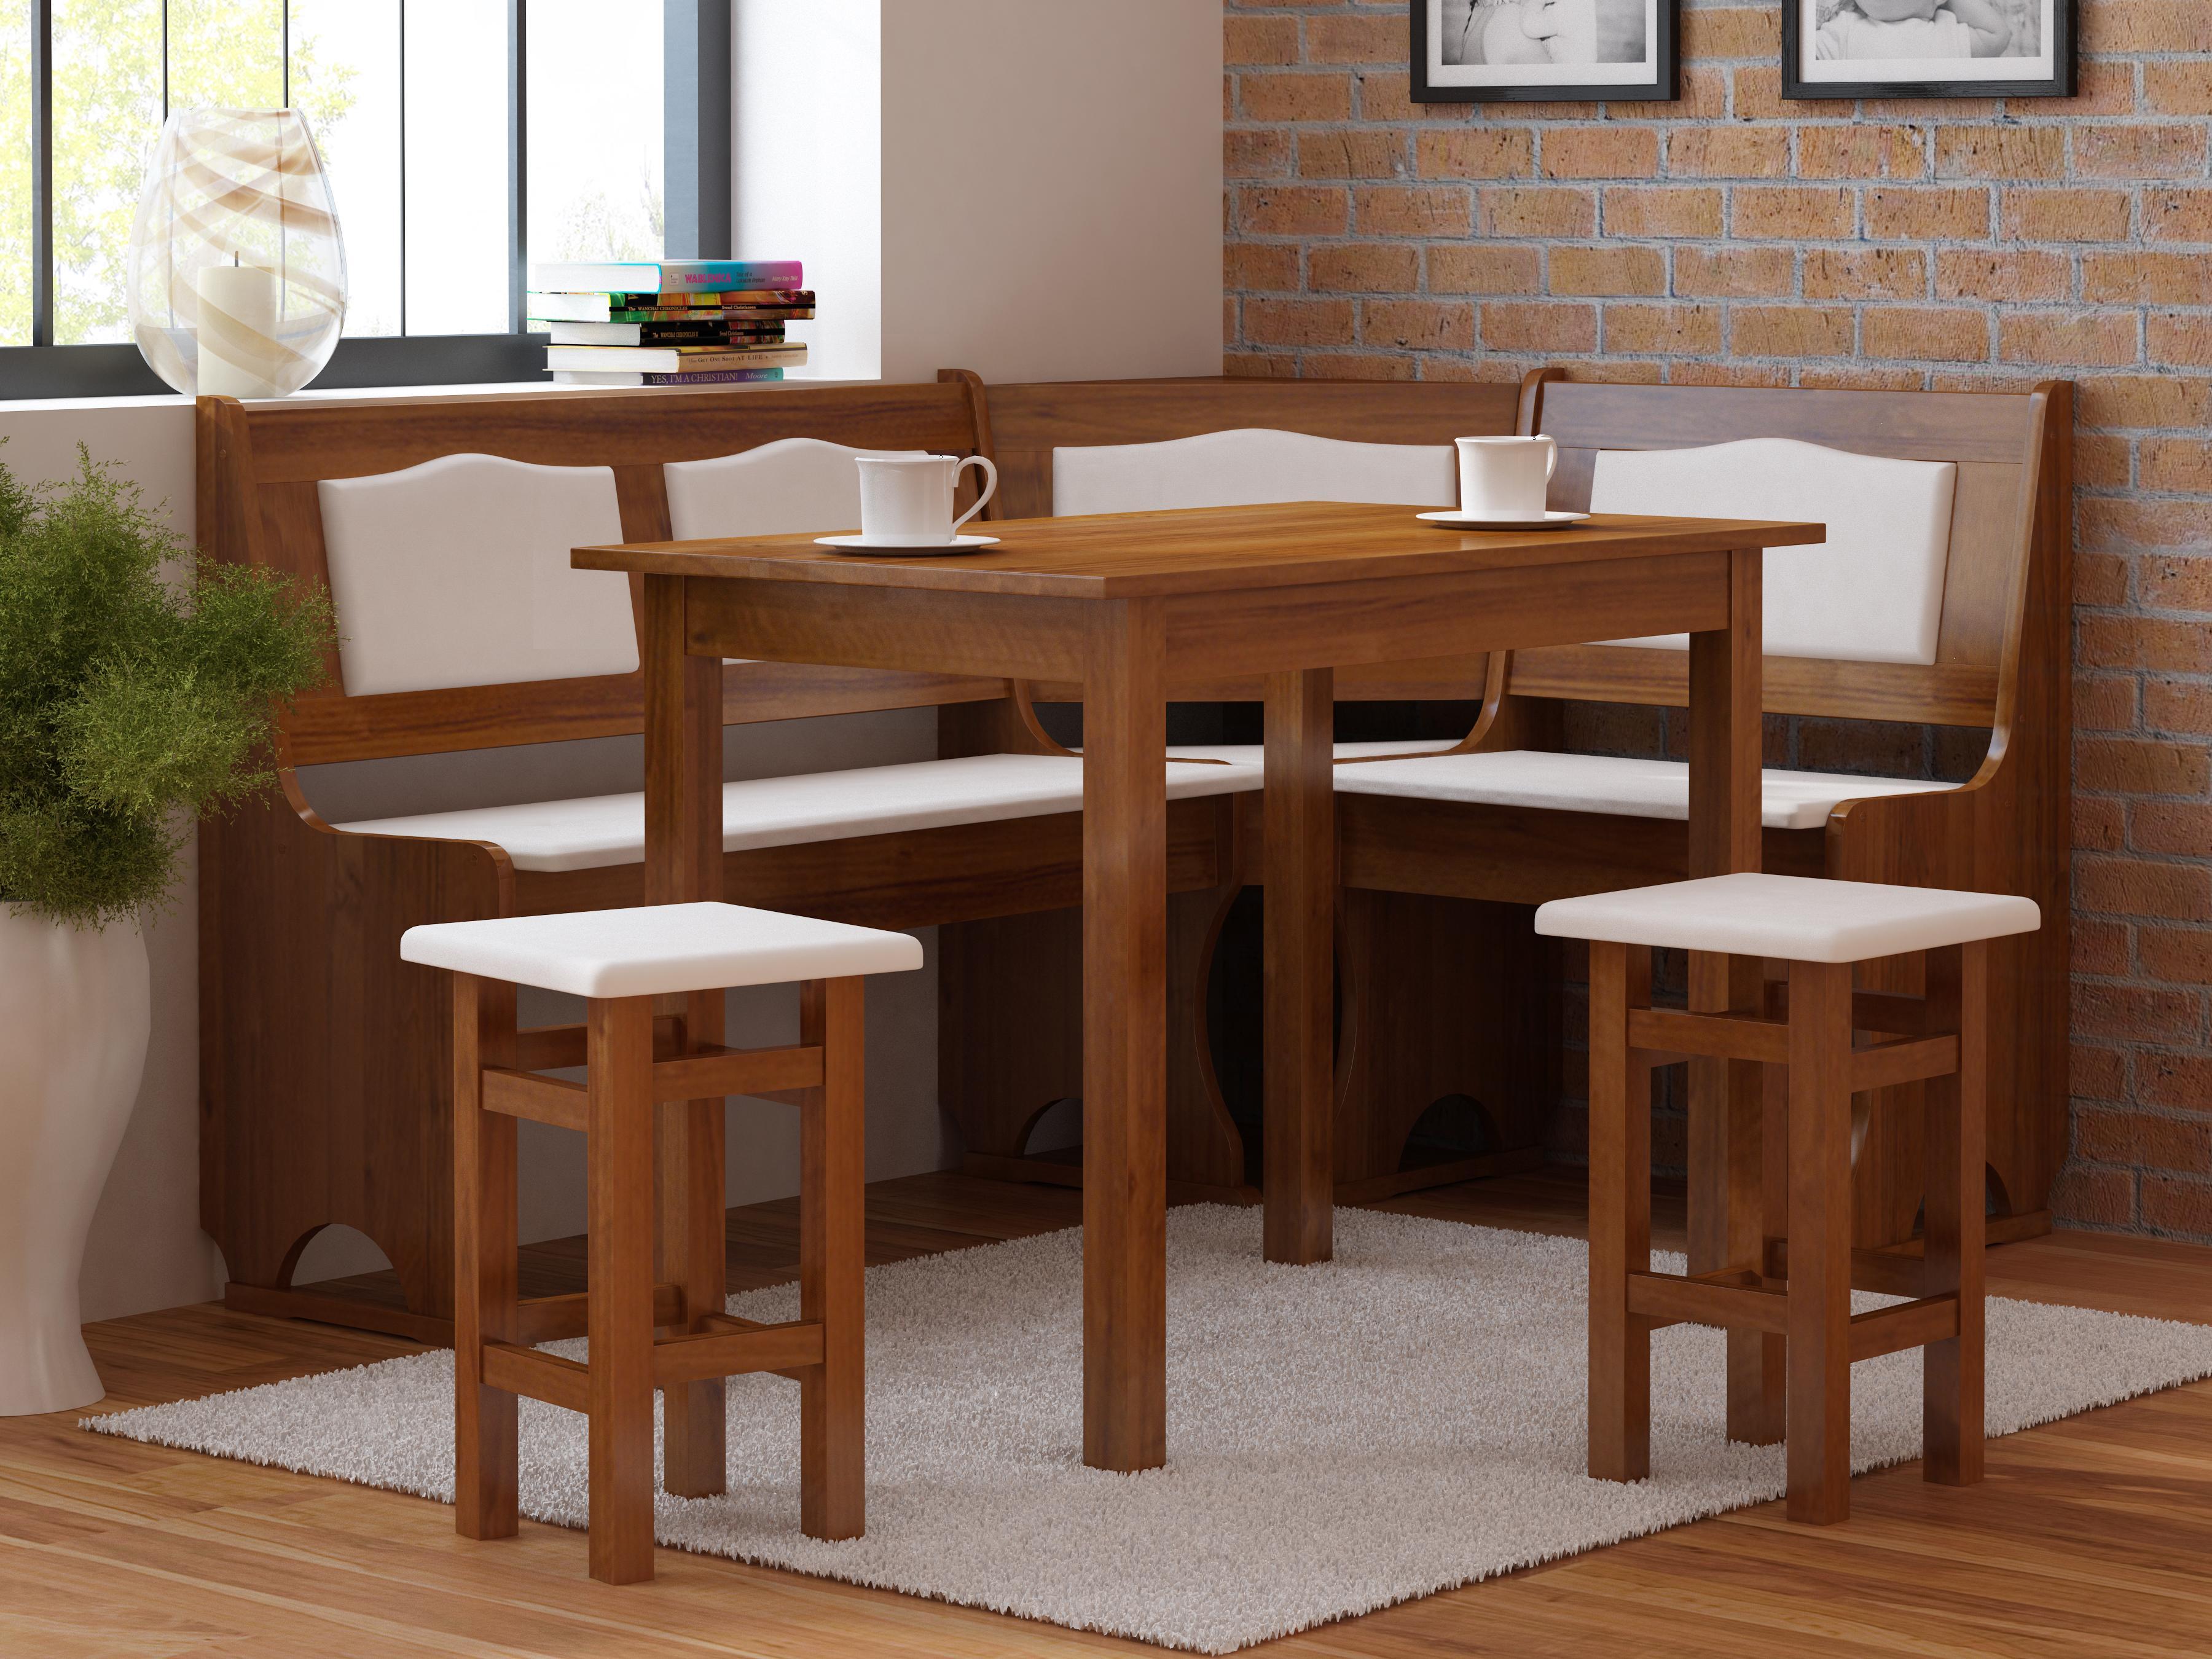 Rohový jídelní set - Monur (pro 5 osob) (P)